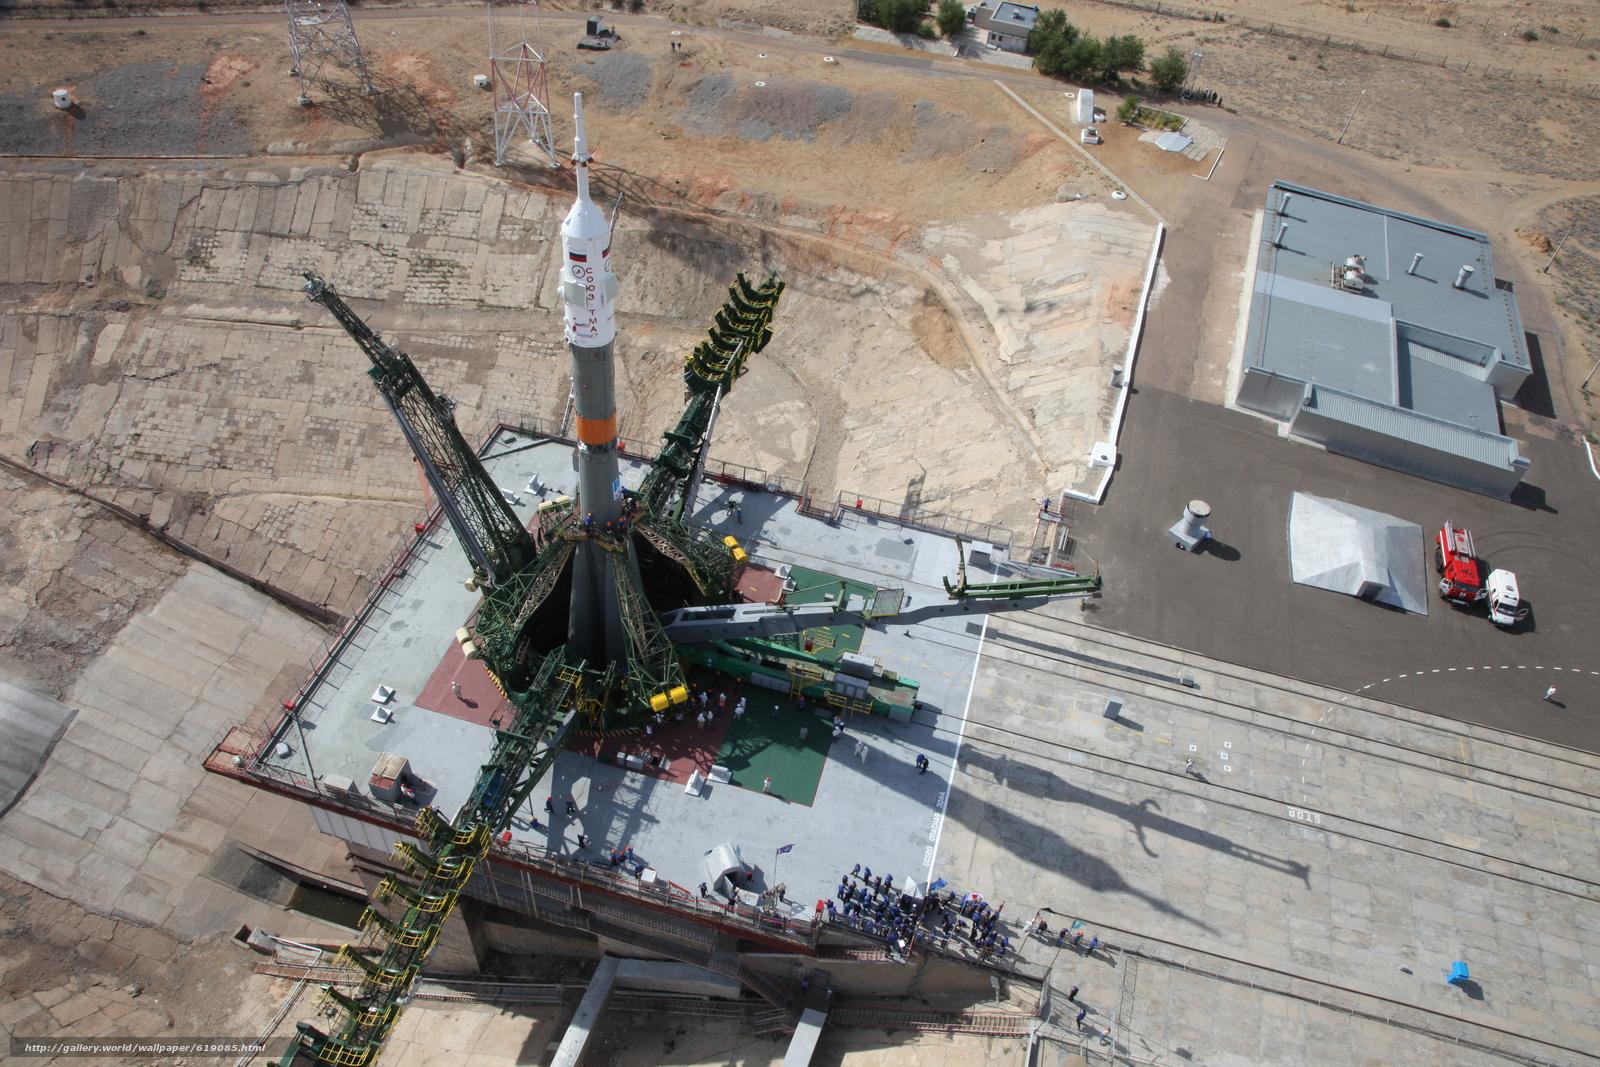 Скачать обои Ракета,  Союз,  космодром,  Байконур бесплатно для рабочего стола в разрешении 5616x3744 — картинка №619085